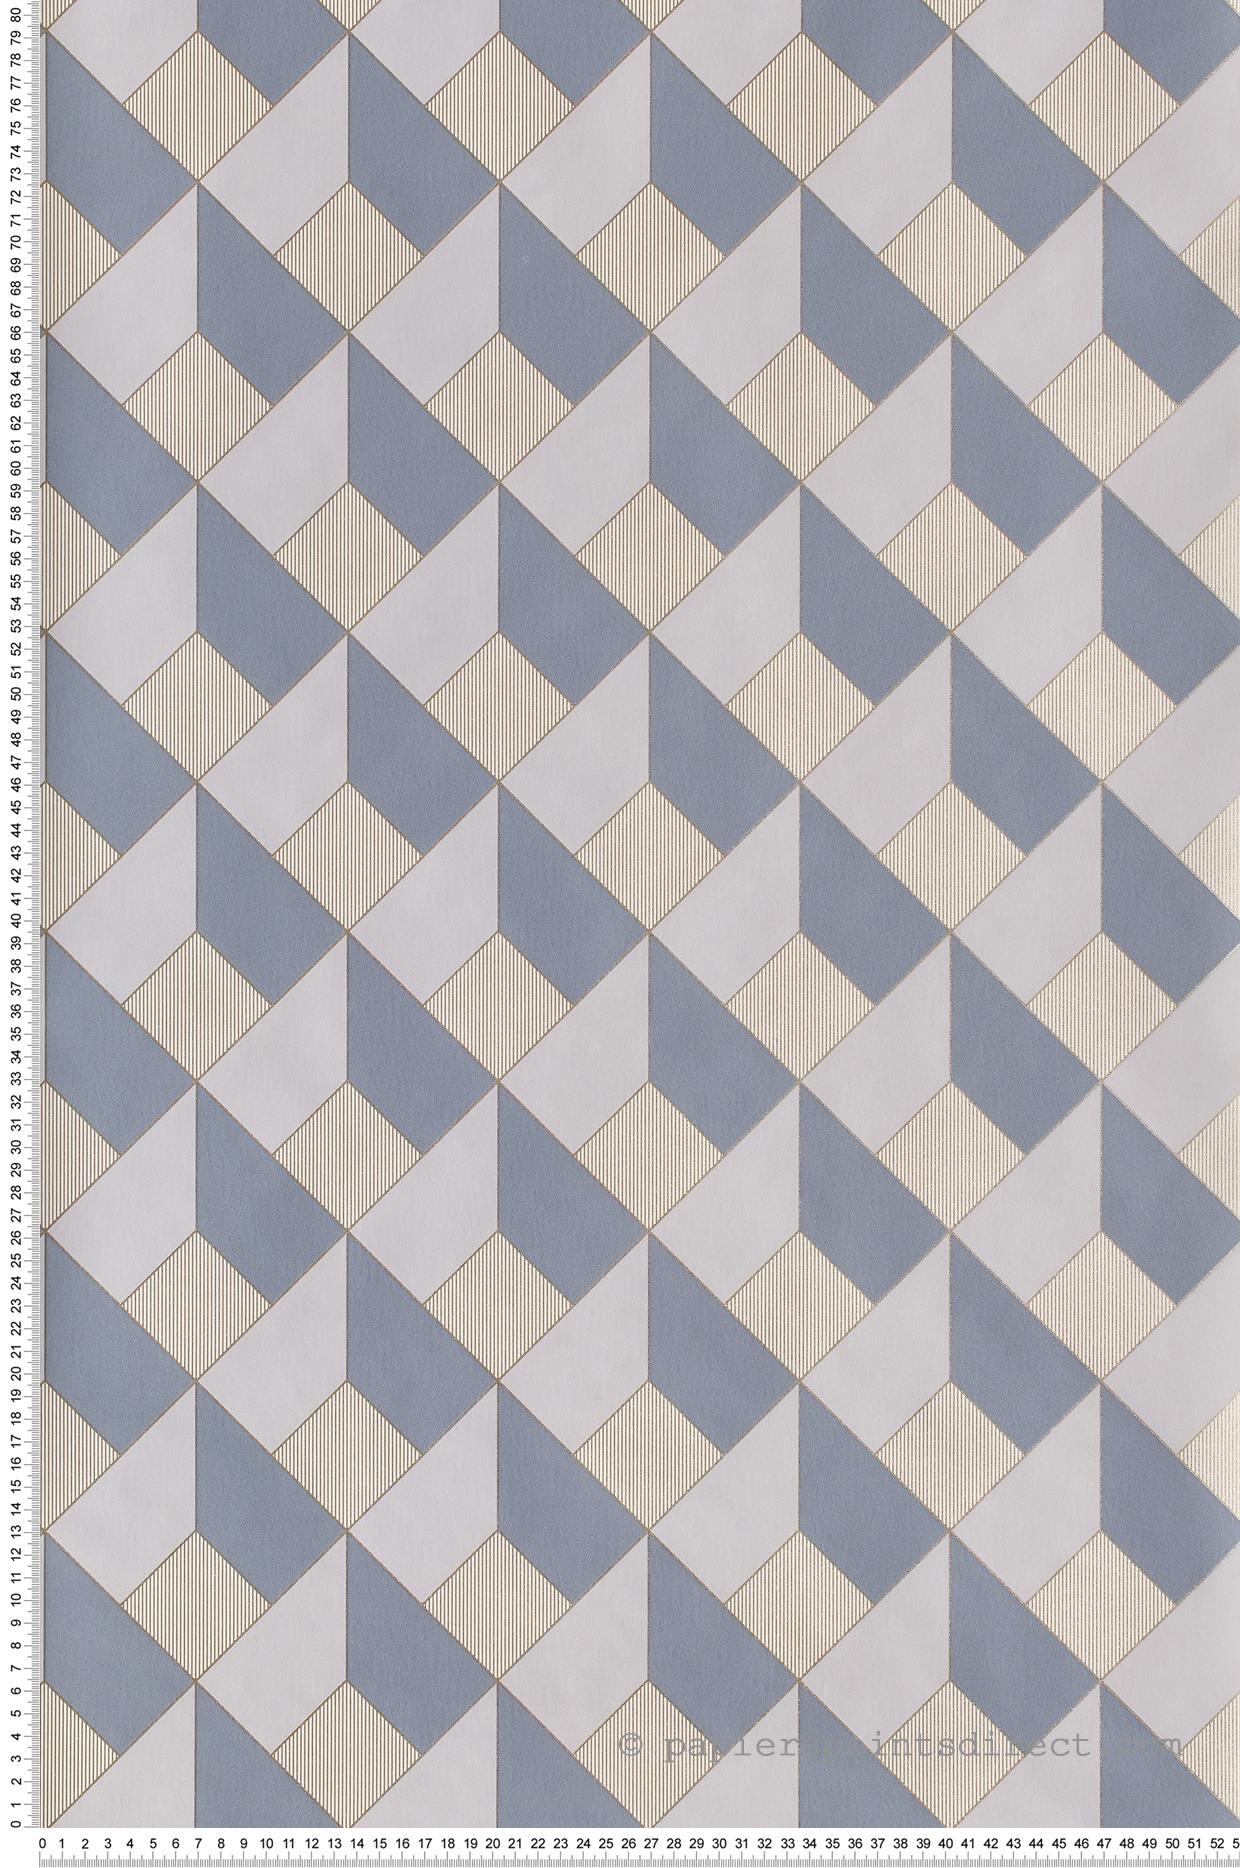 Papier peint Square bleu ardoise - Spaces de Casélio | Réf. SPA100129090